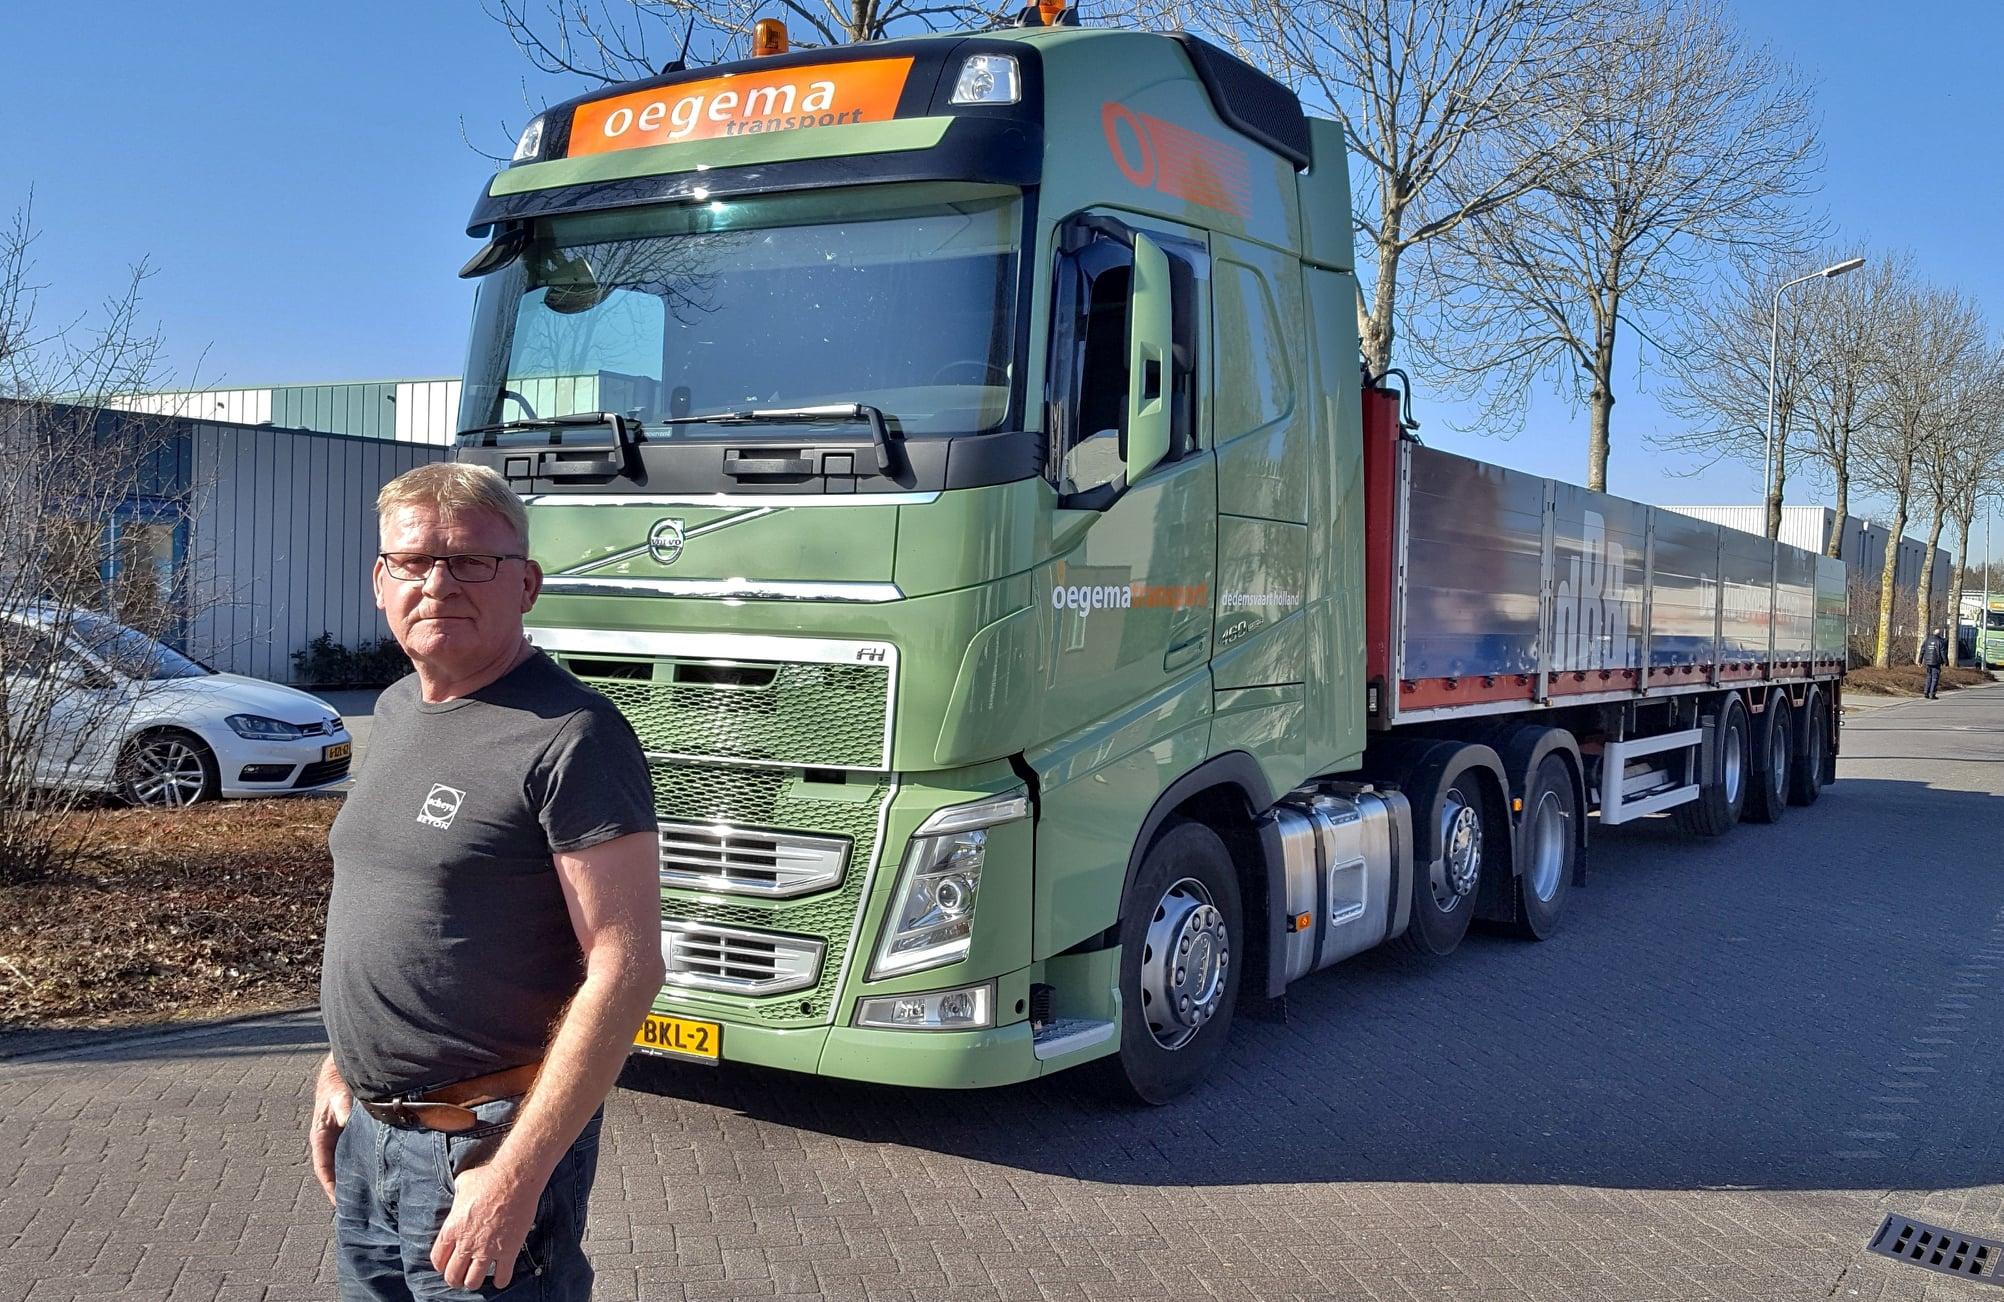 Andre-Veltmaat-nu-67-ver-gepasseerd--nu-met-pensioen-en-nu-nog-elke-dag-op-de-weg-maar-zal-in-het-voorjaar-wel-weer-graag-willen-rijden--en-dus-ook-weer-welkom-3-12-2020--